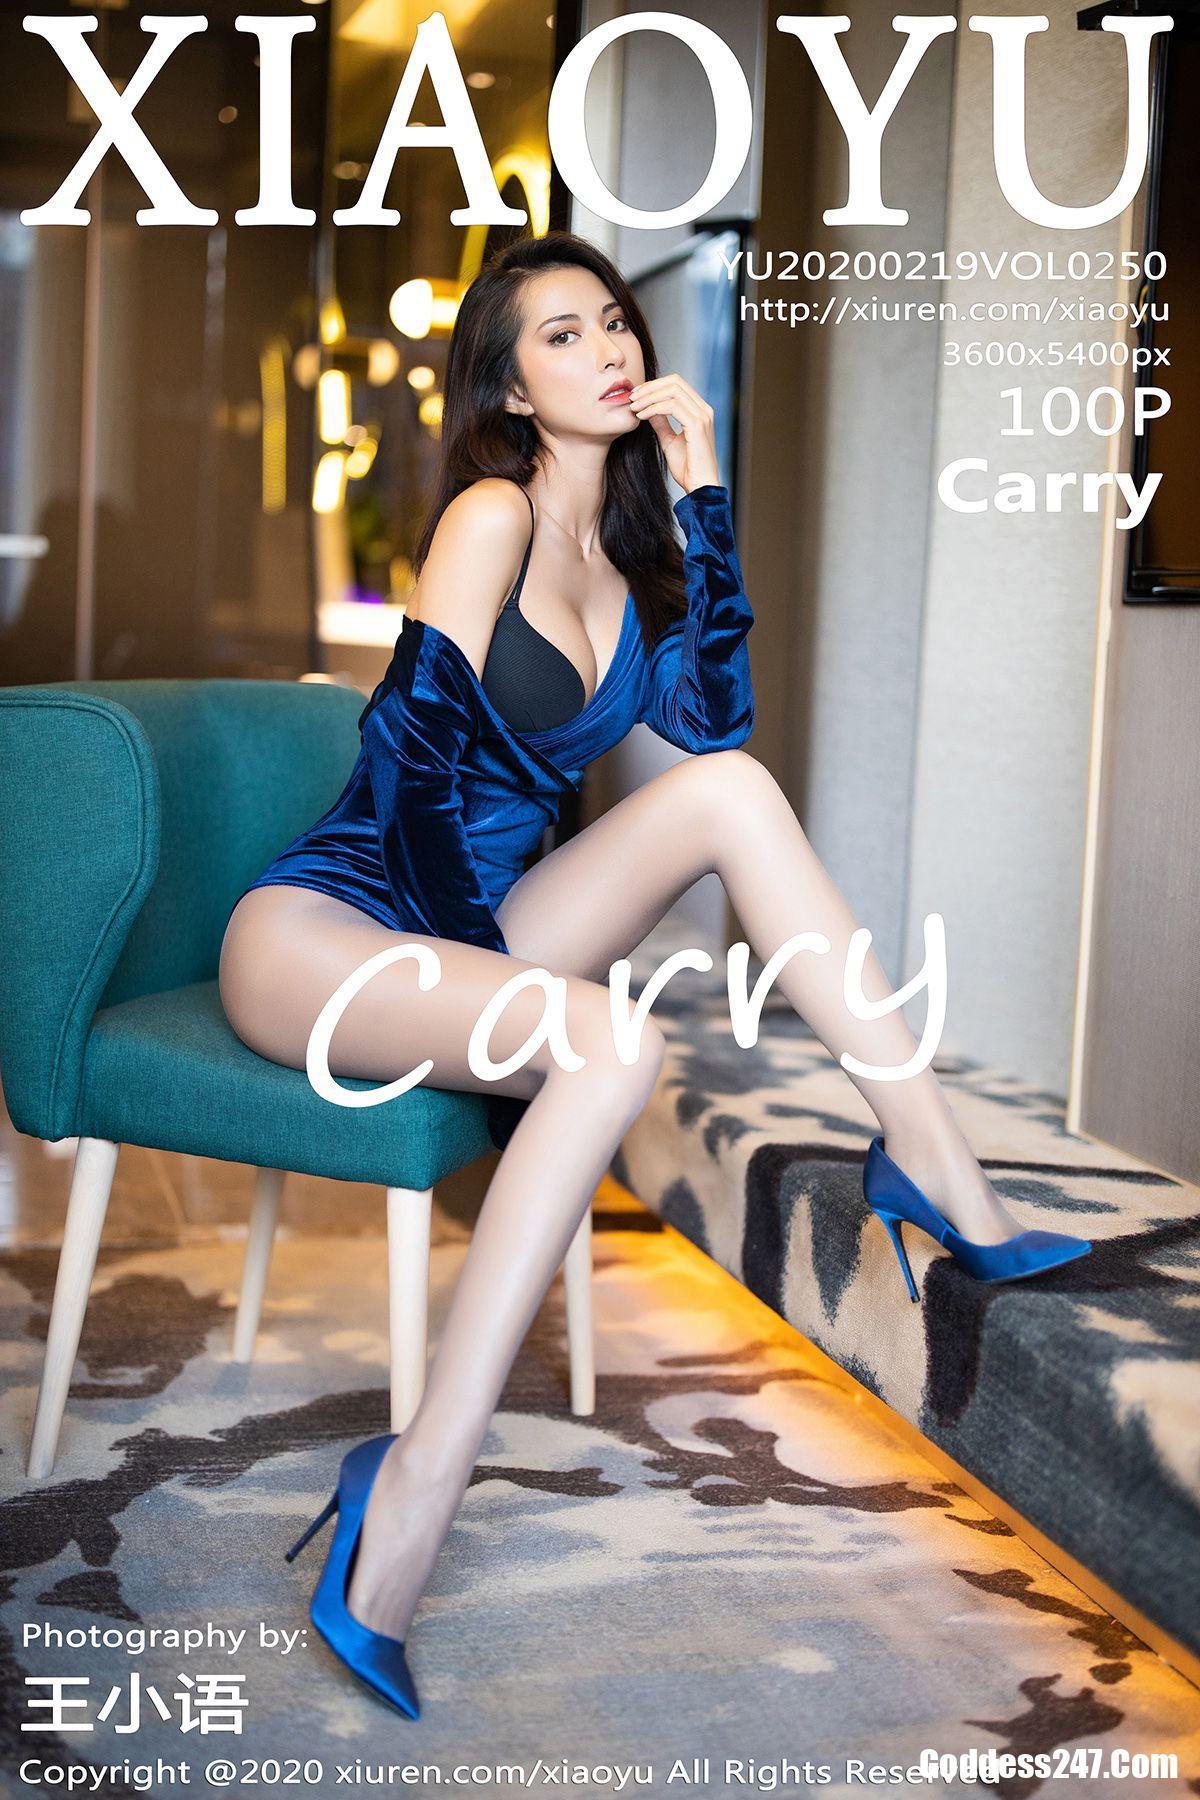 XiaoYu Vol.250 Carry